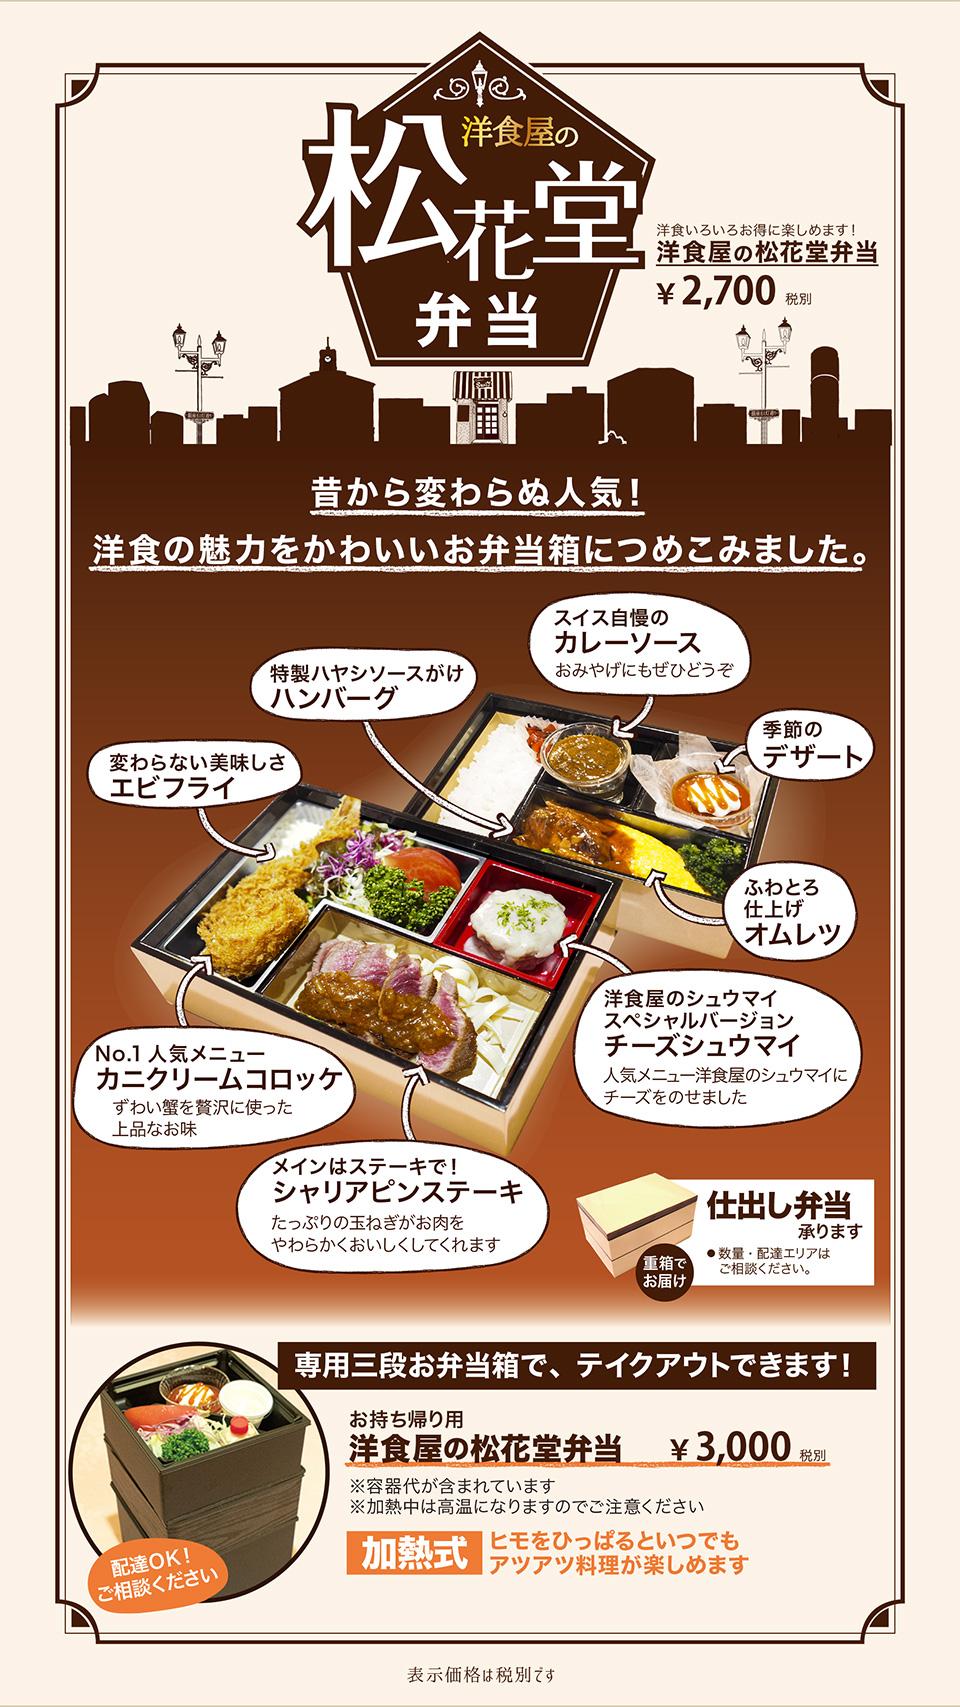 洋食屋の松花堂弁当